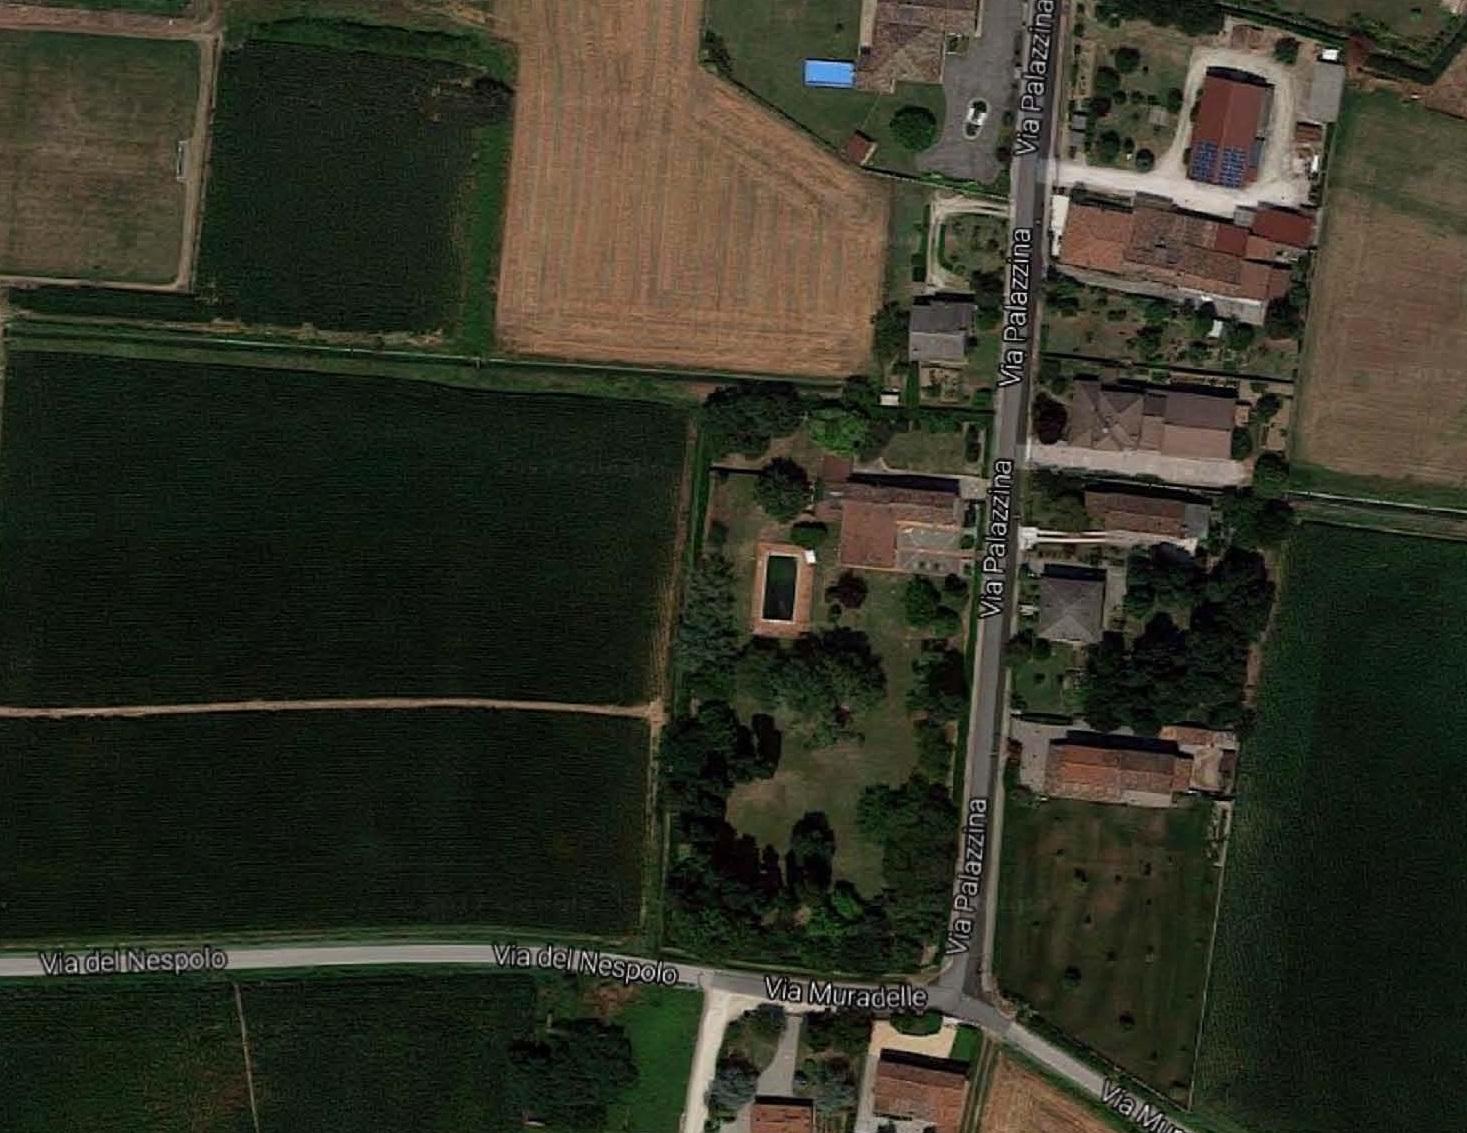 Collettamento fognario - San Giovanni in Croce (CR)